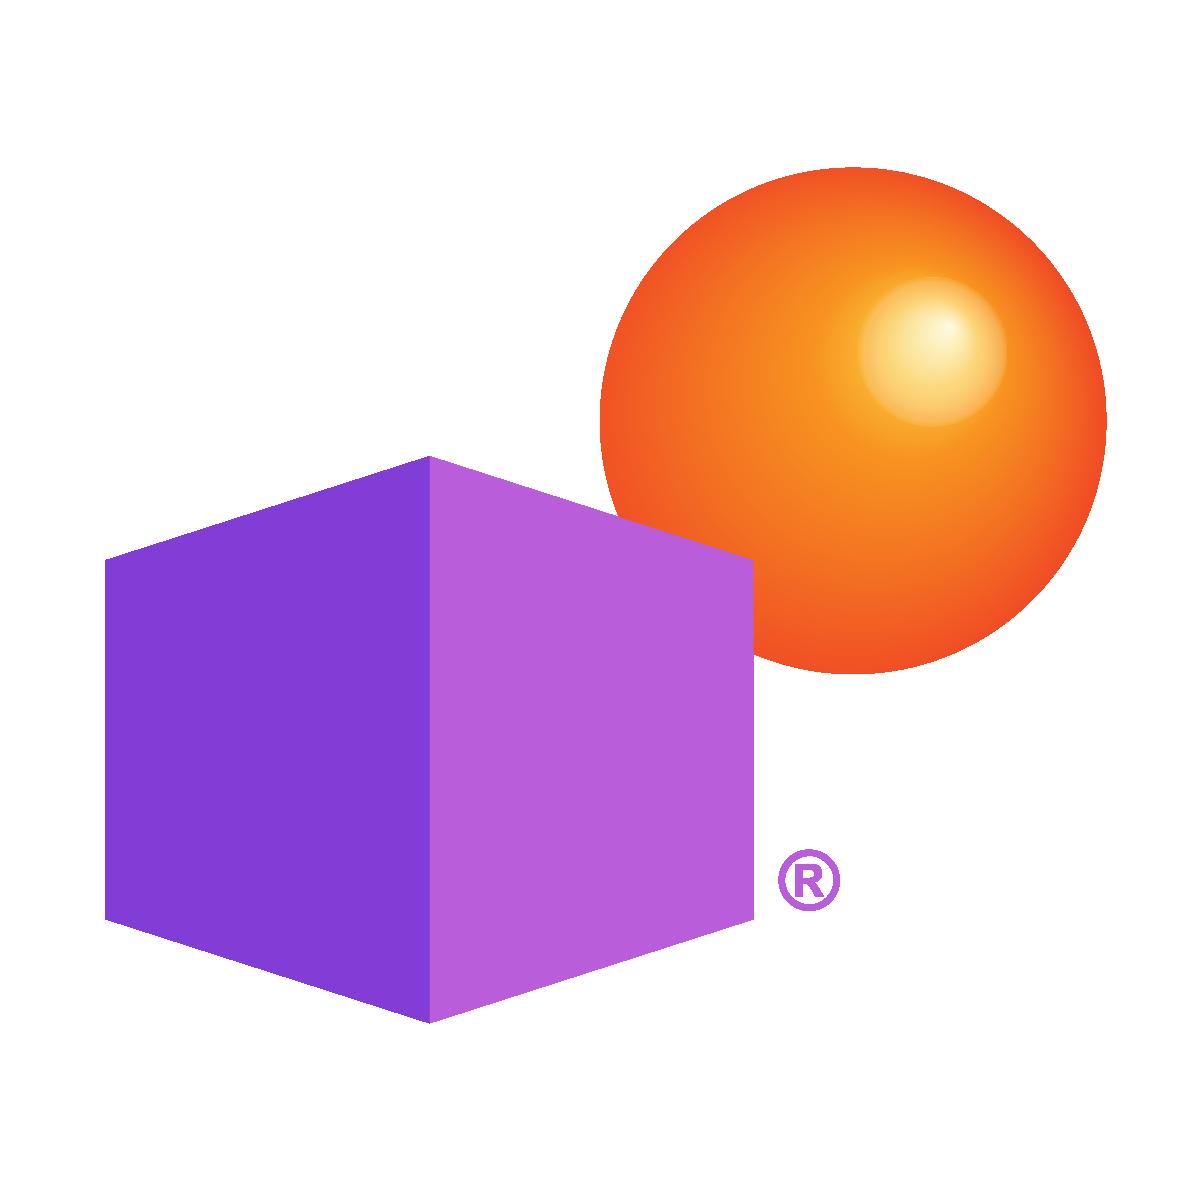 DI_Logo_Box&Ball_RGB.png